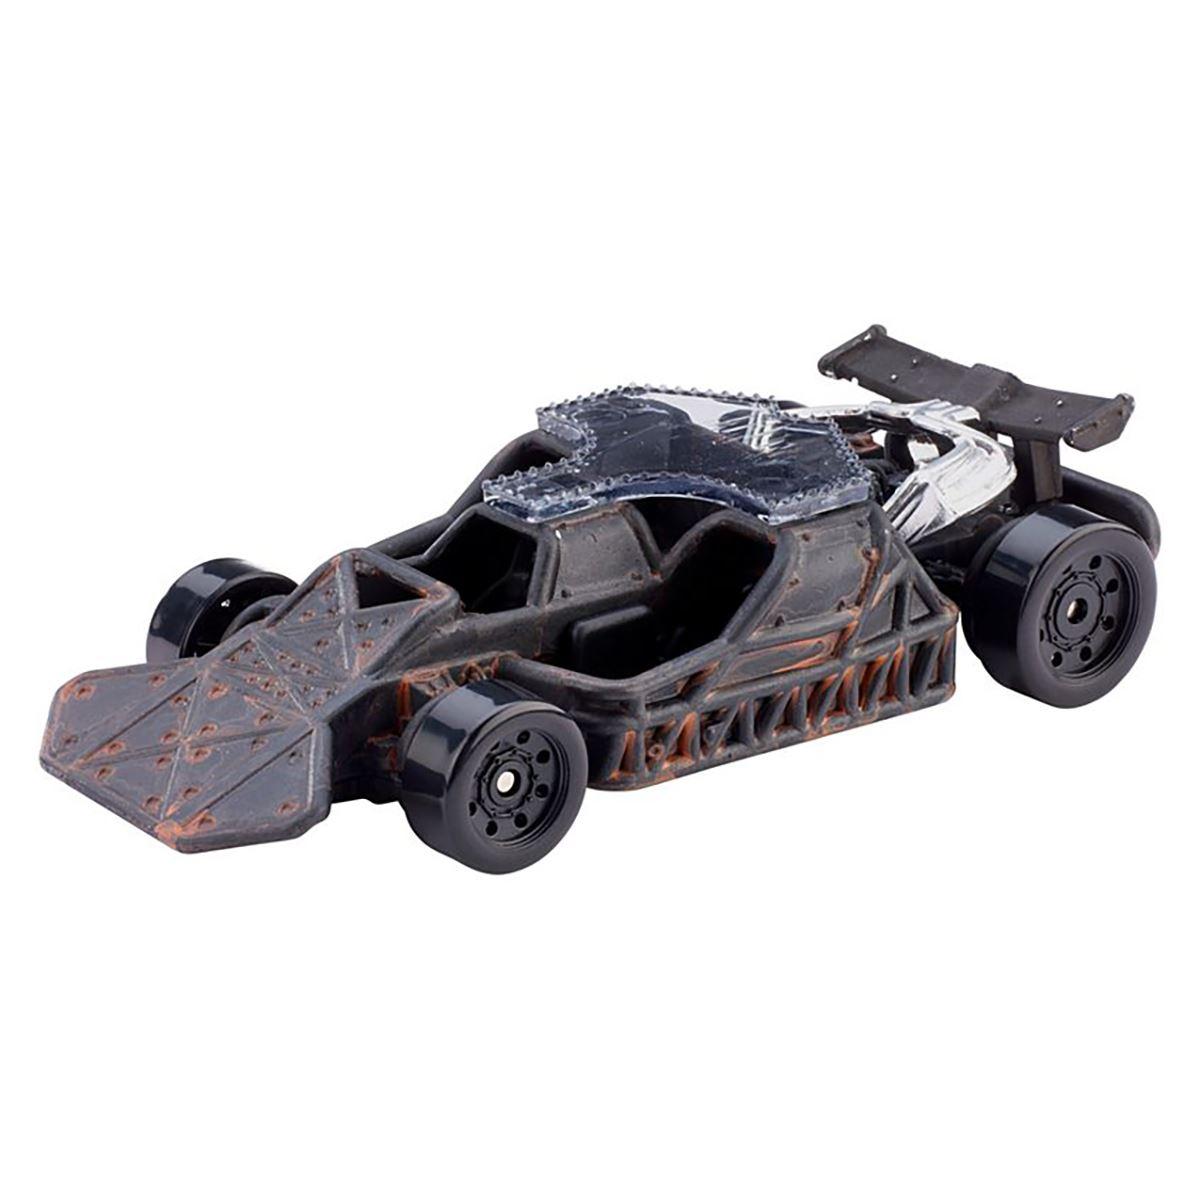 Fast-amp-Furious-6-Diecast-metallo-Auto-figure-da-collezione-1-55-modelli-in-scala miniatura 5